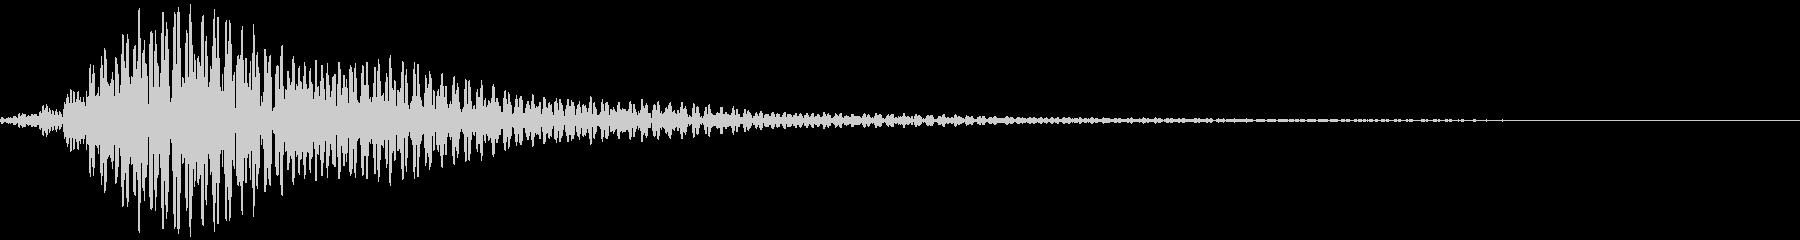 ブワーン(画面の電源が入るような音)の未再生の波形